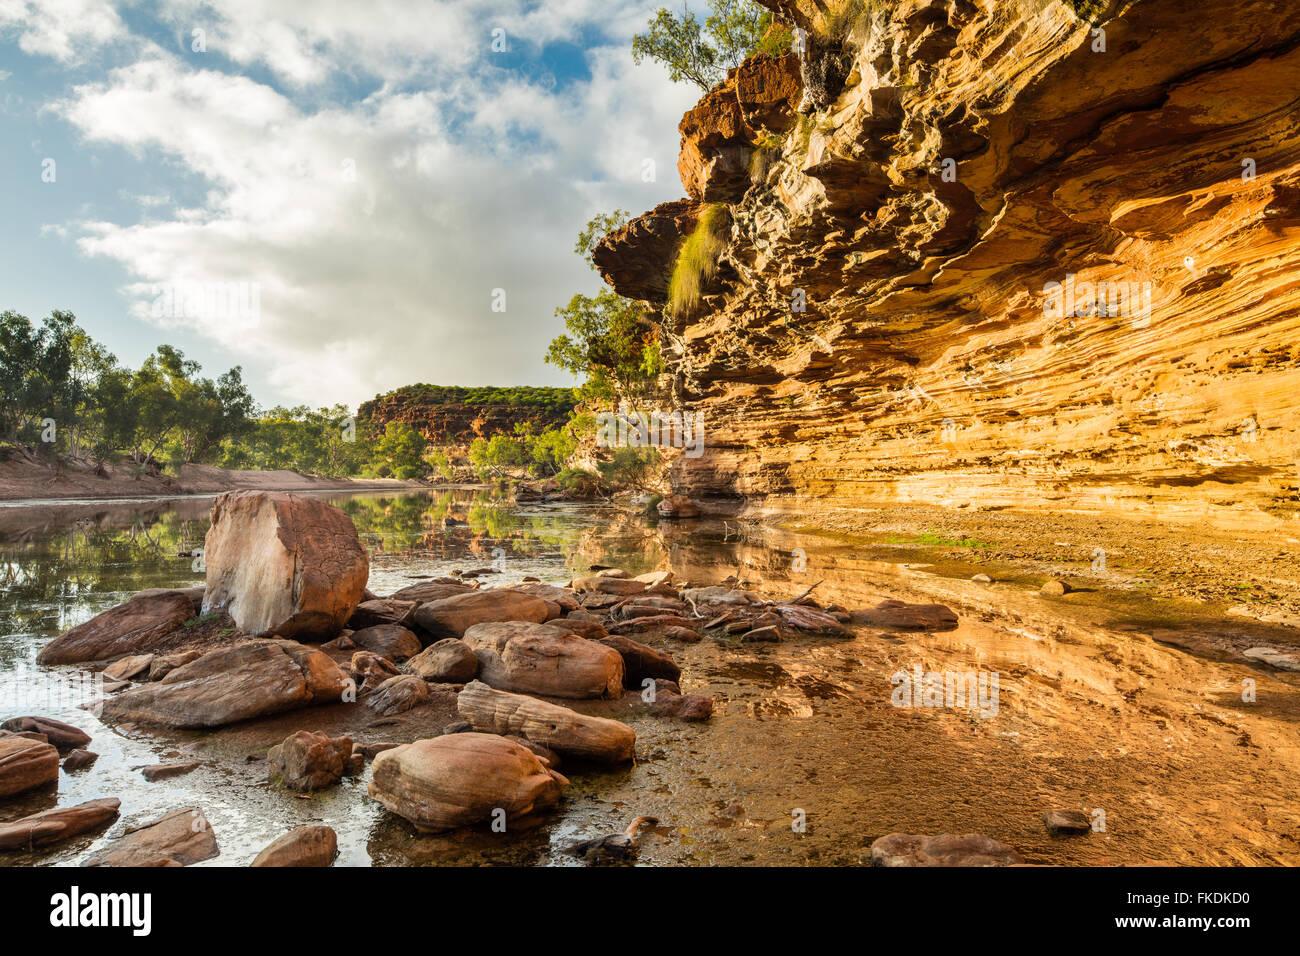 the Murchison River gorge at Ross Graham, Kalbarri National Park, Western Australia - Stock Image